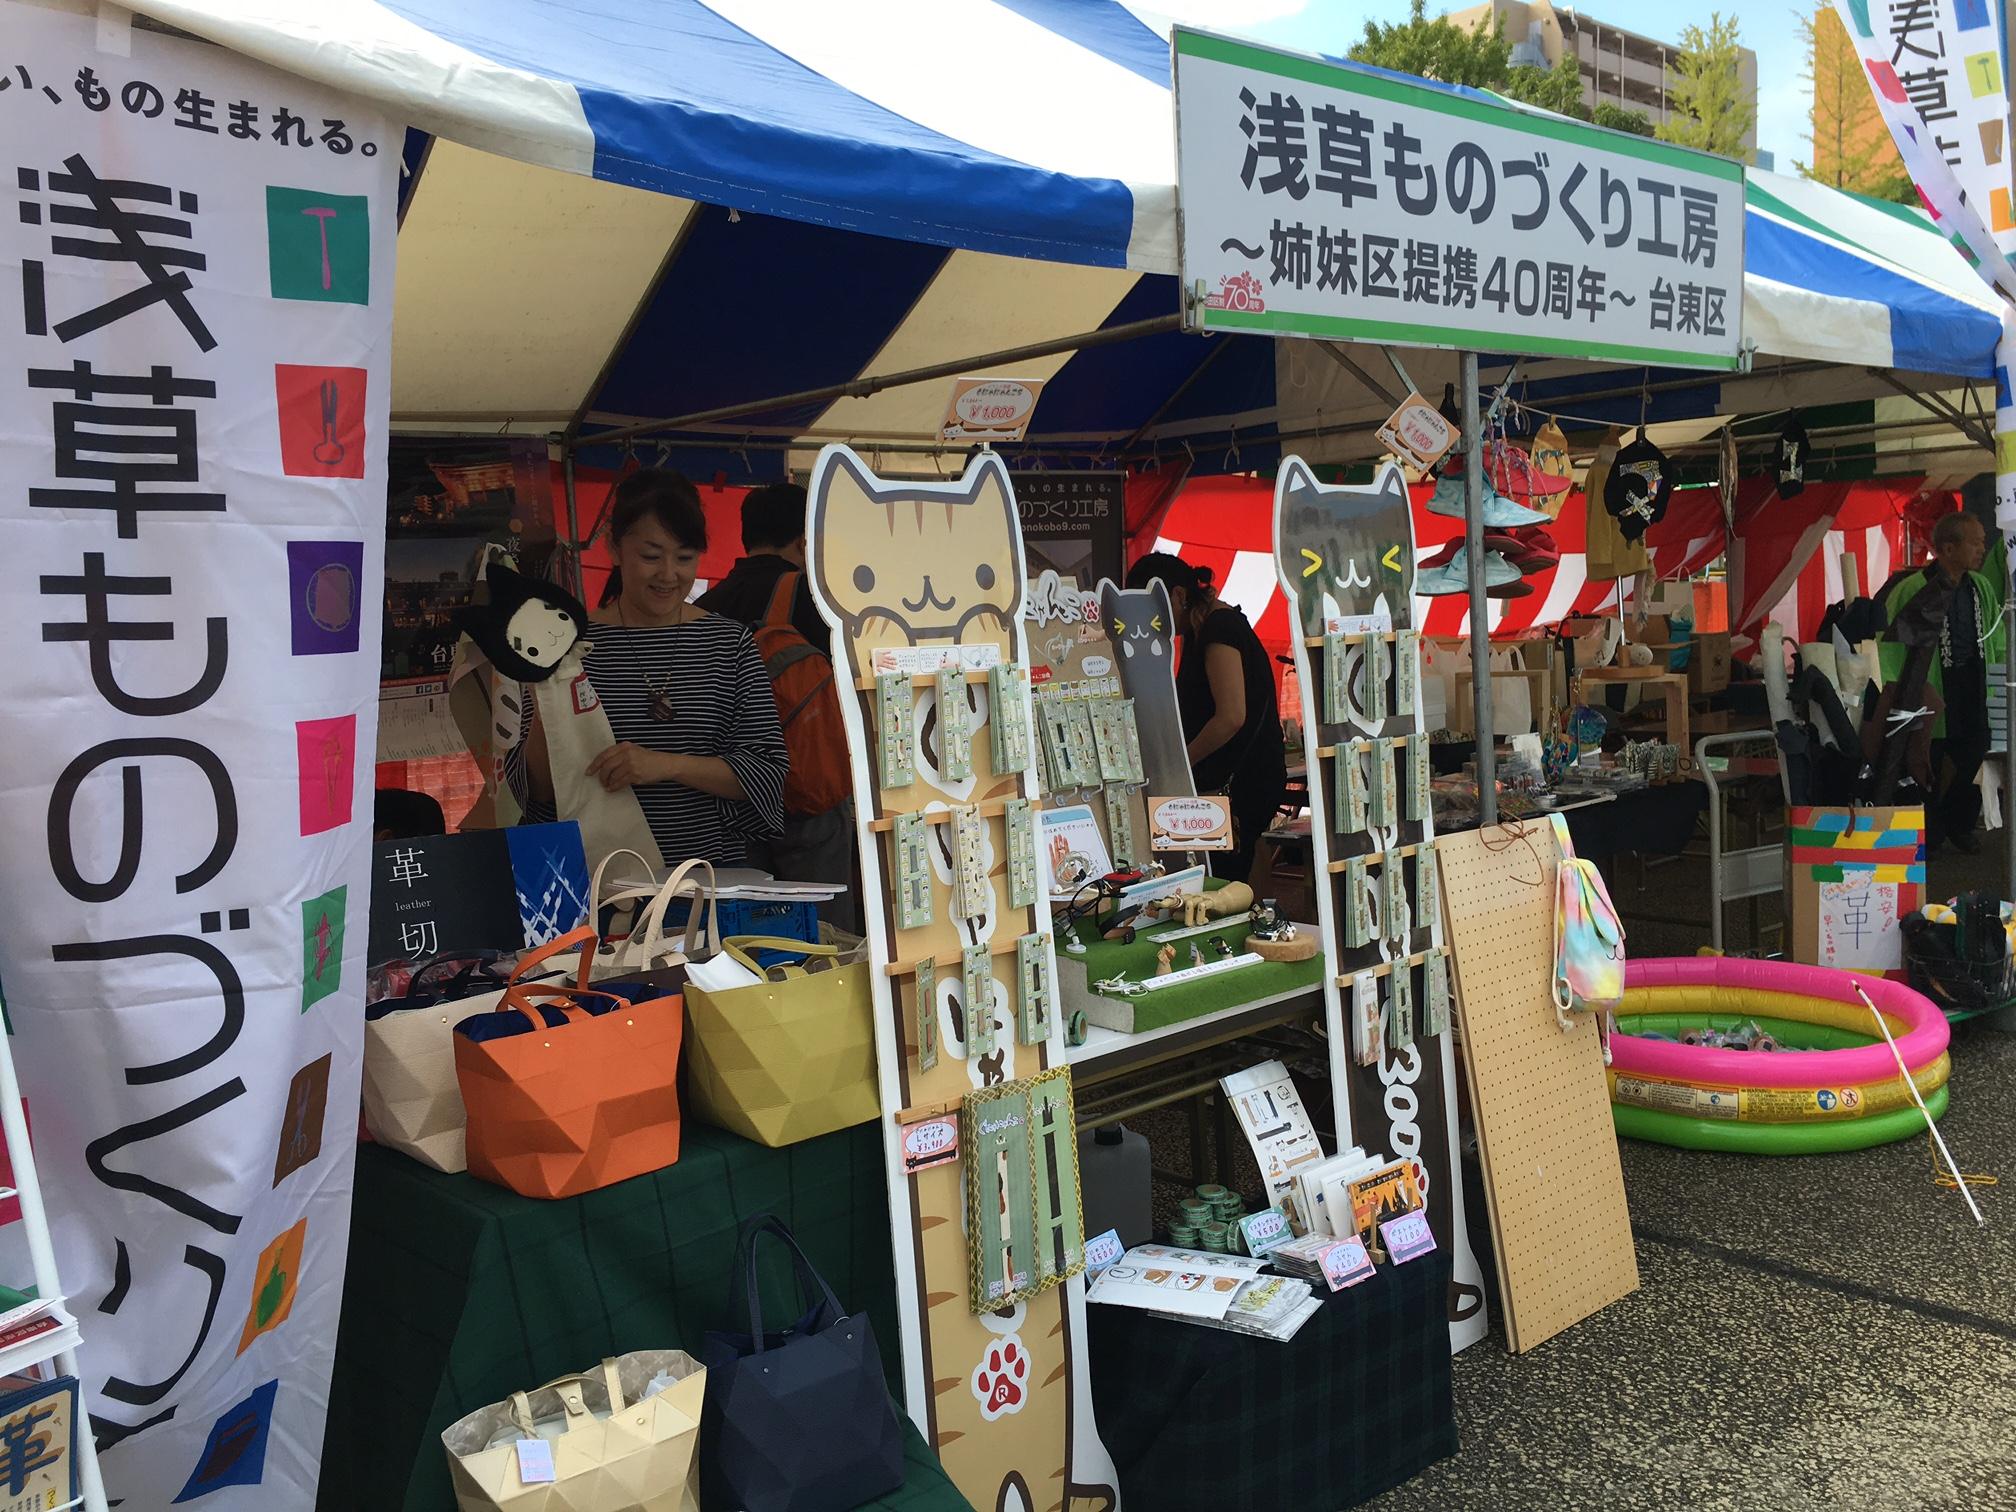 【イベントレポート】「すみだまつり」に台東区を代表して販売ブースに出店参加